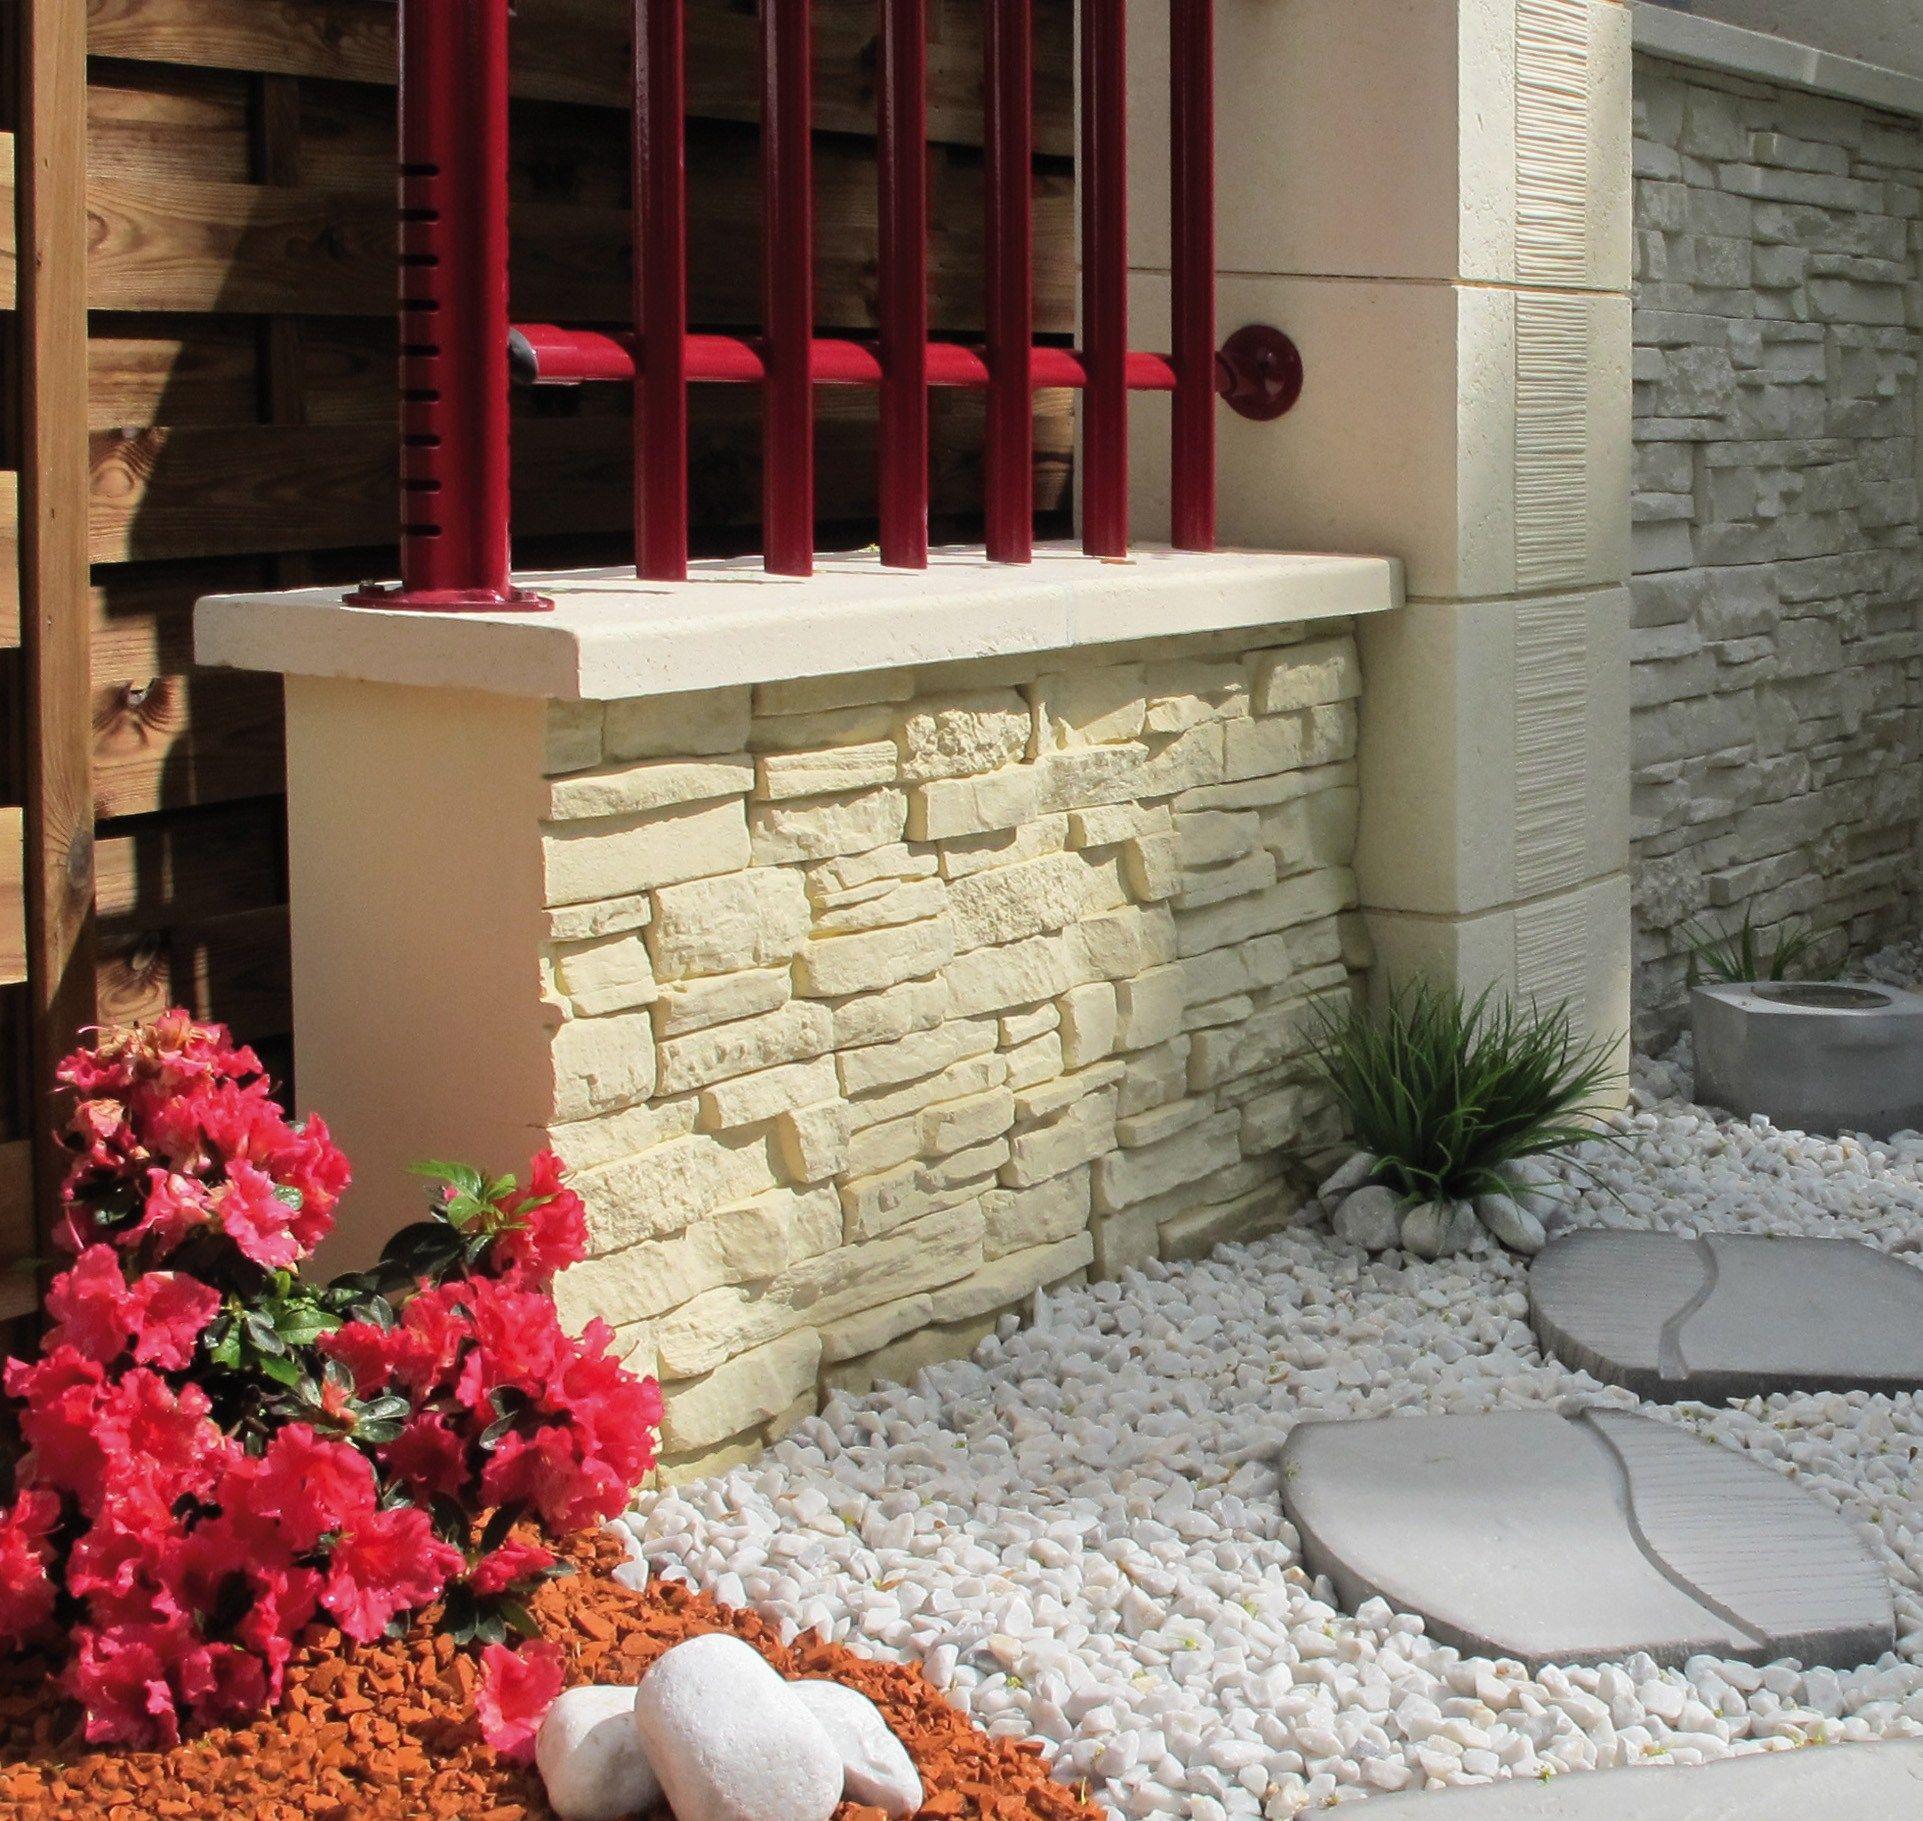 Revestimiento de pared imitaci n piedra atlas by weser dise o de ryck by weser - Revestimiento paredes imitacion piedra ...